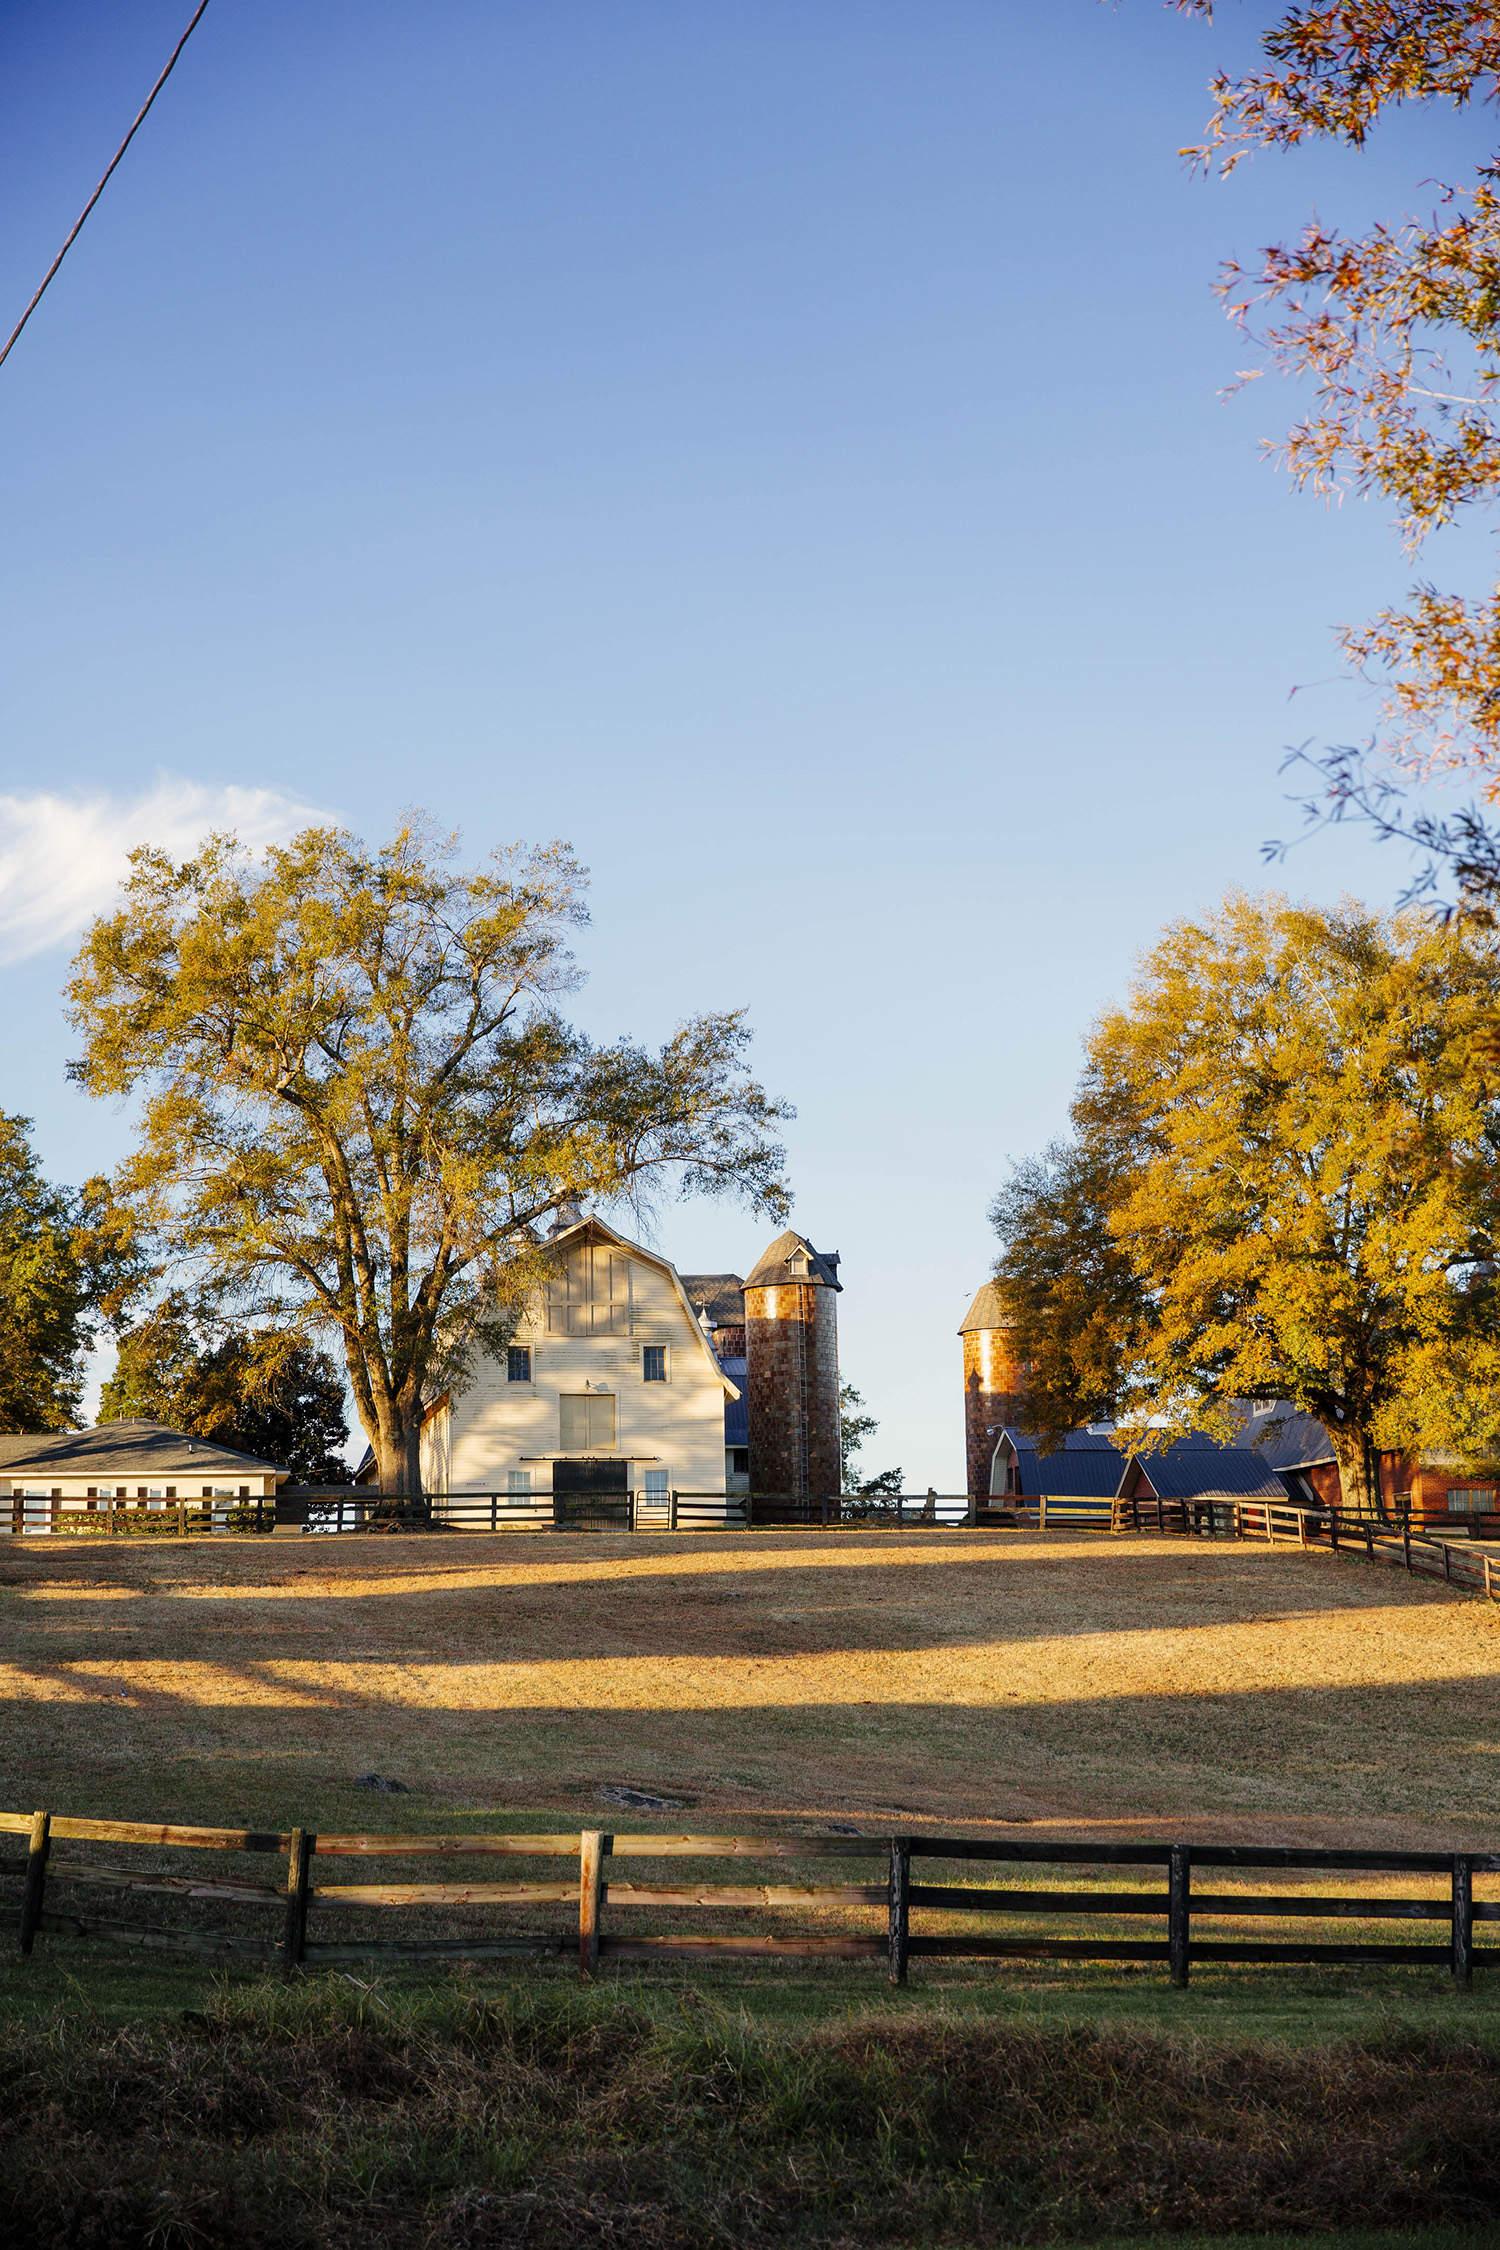 Quail Roost Farm